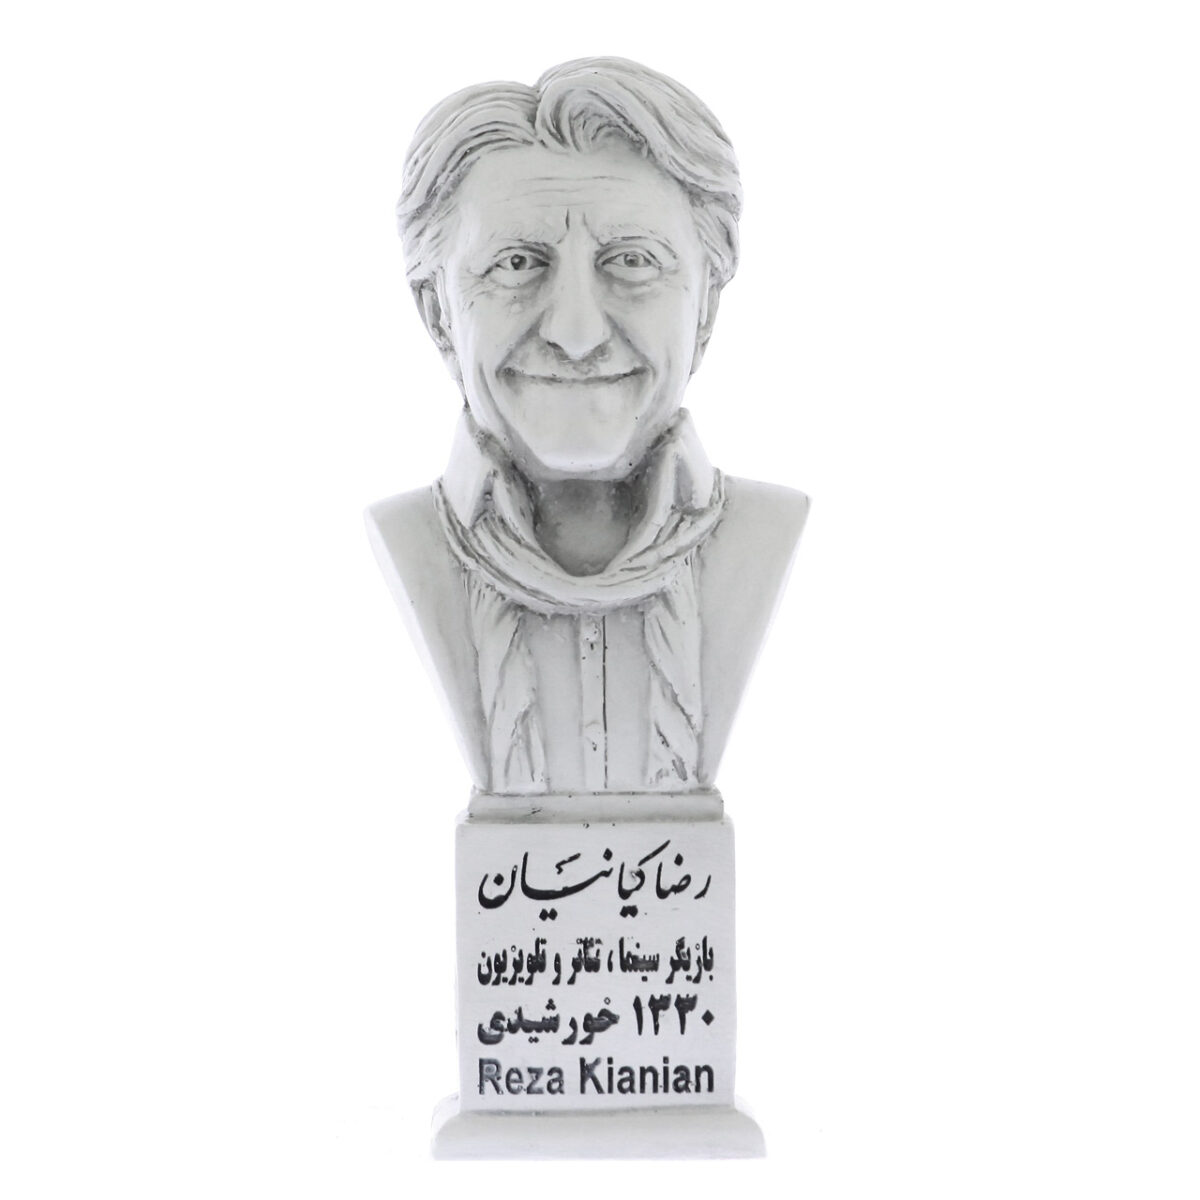 reza kianian s 1200x1200 - سردیس رضا کیانیان